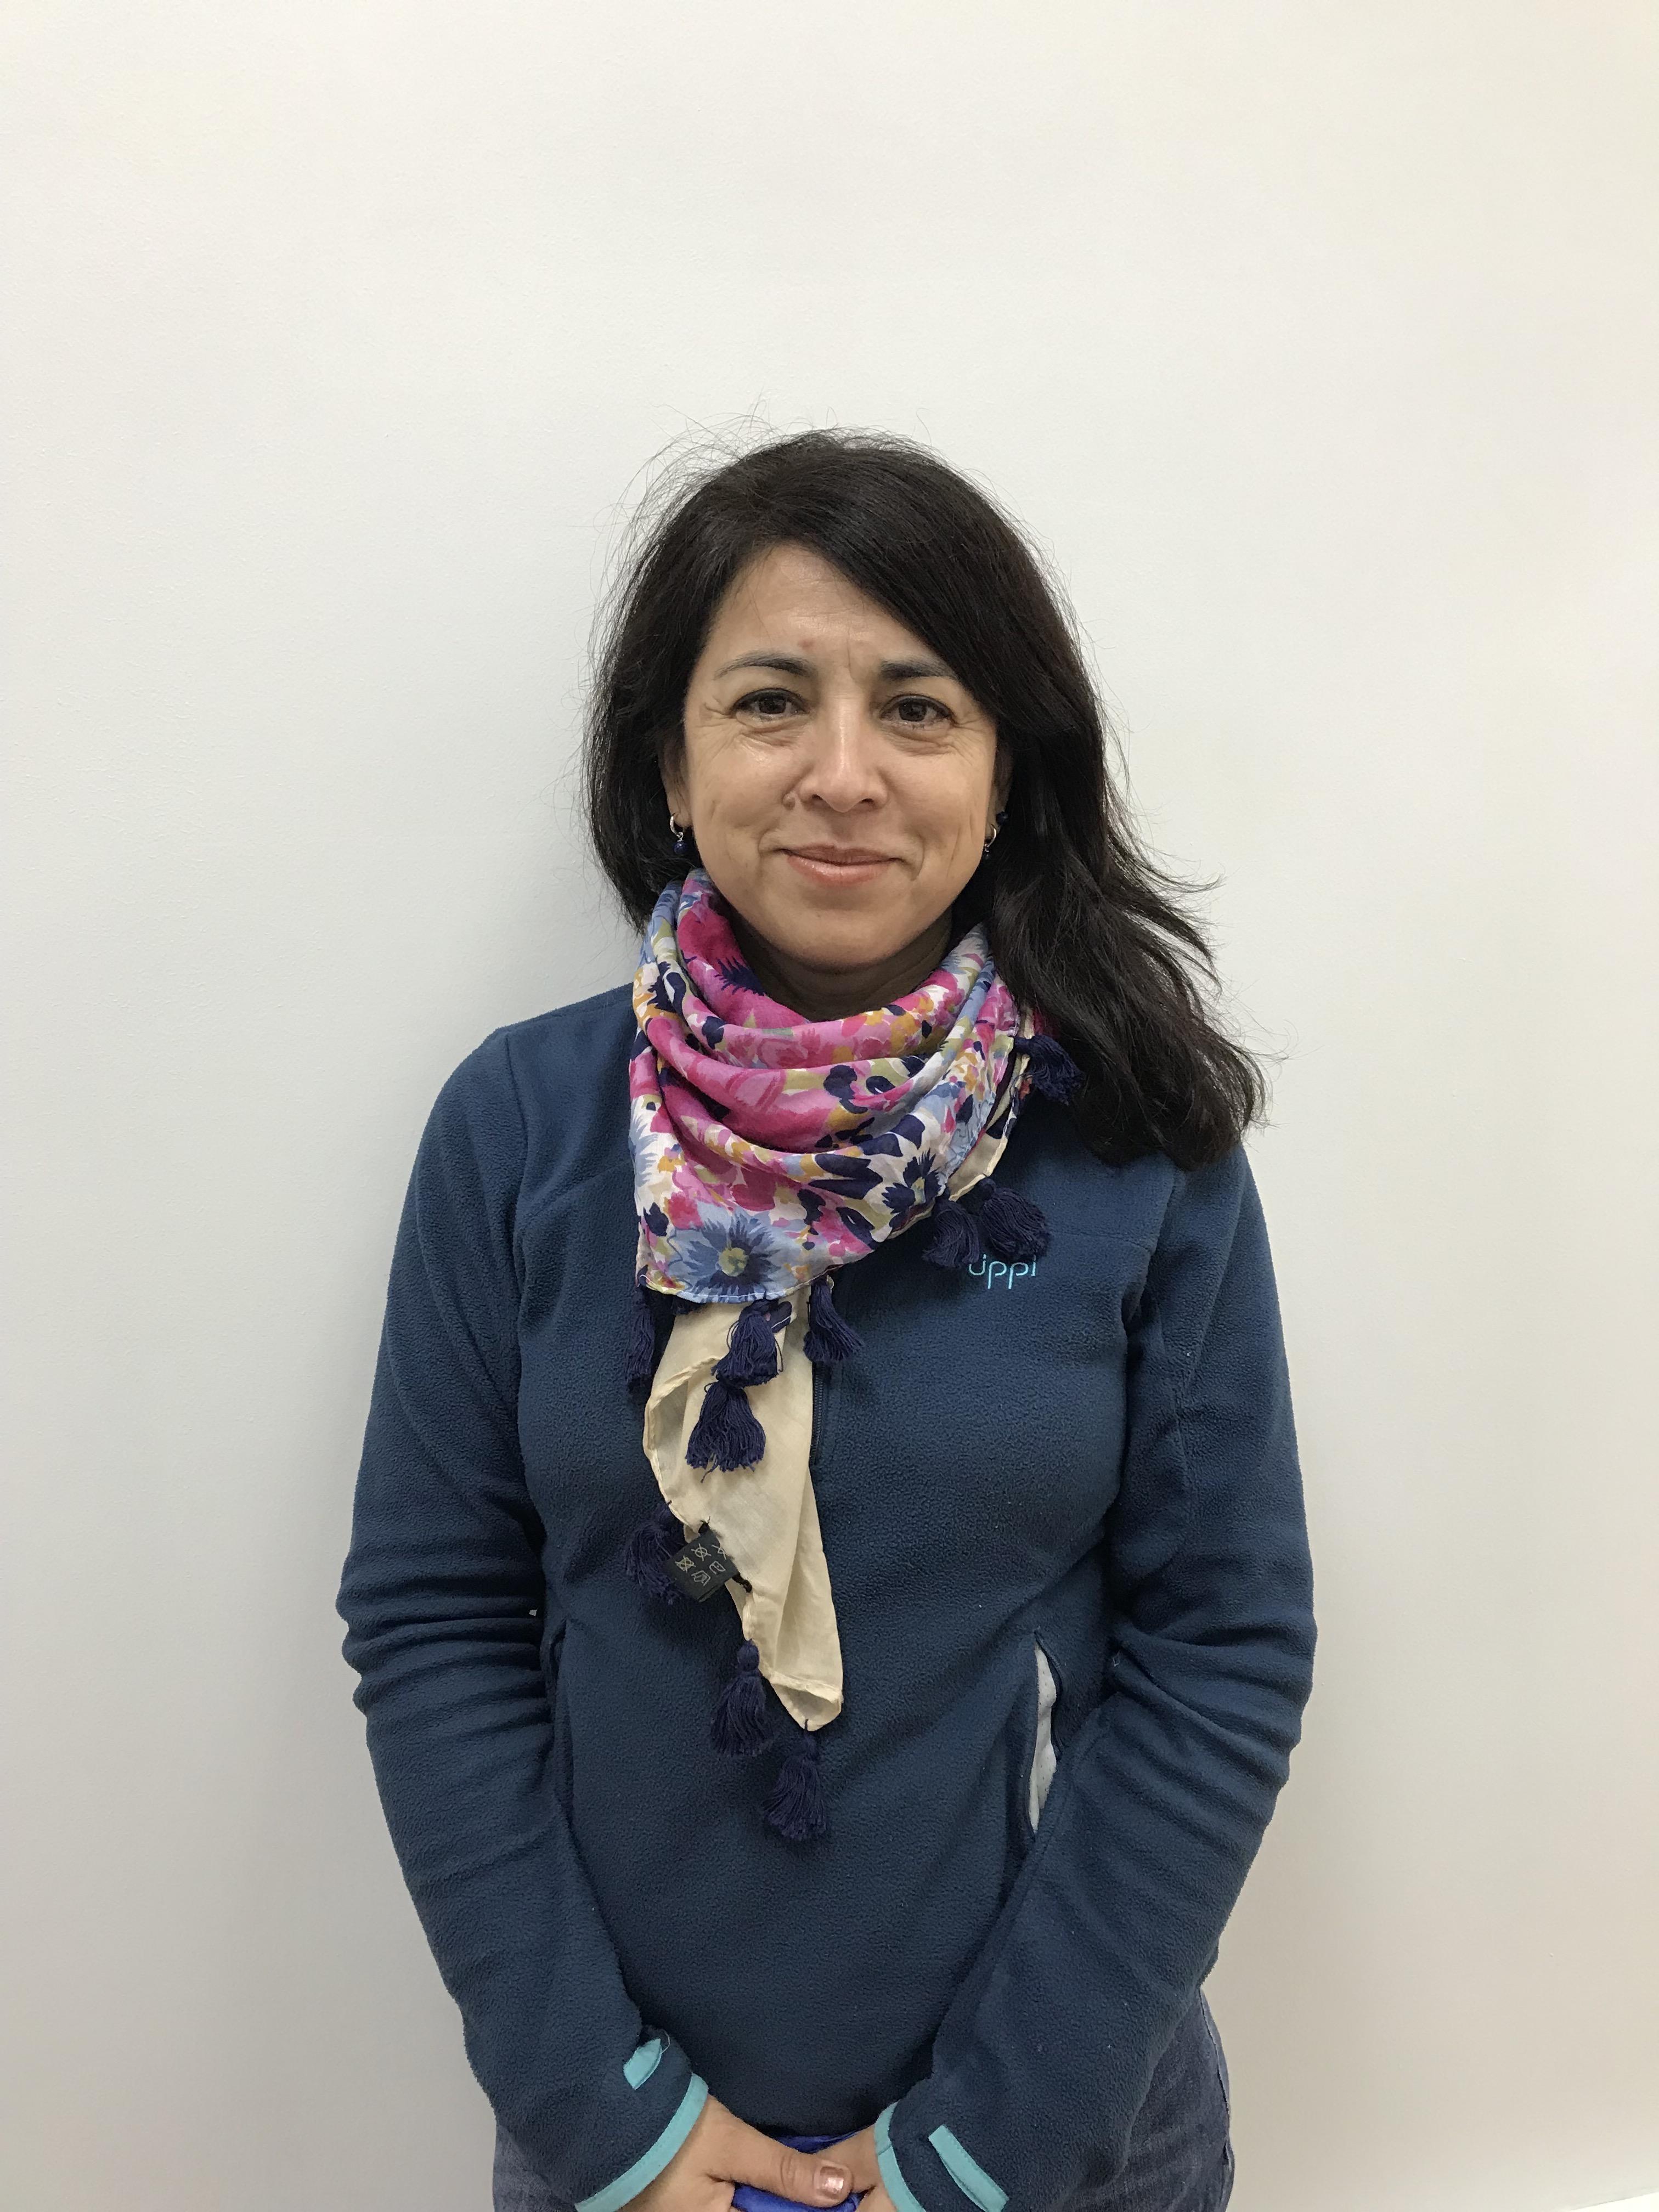 Marianela Castillo